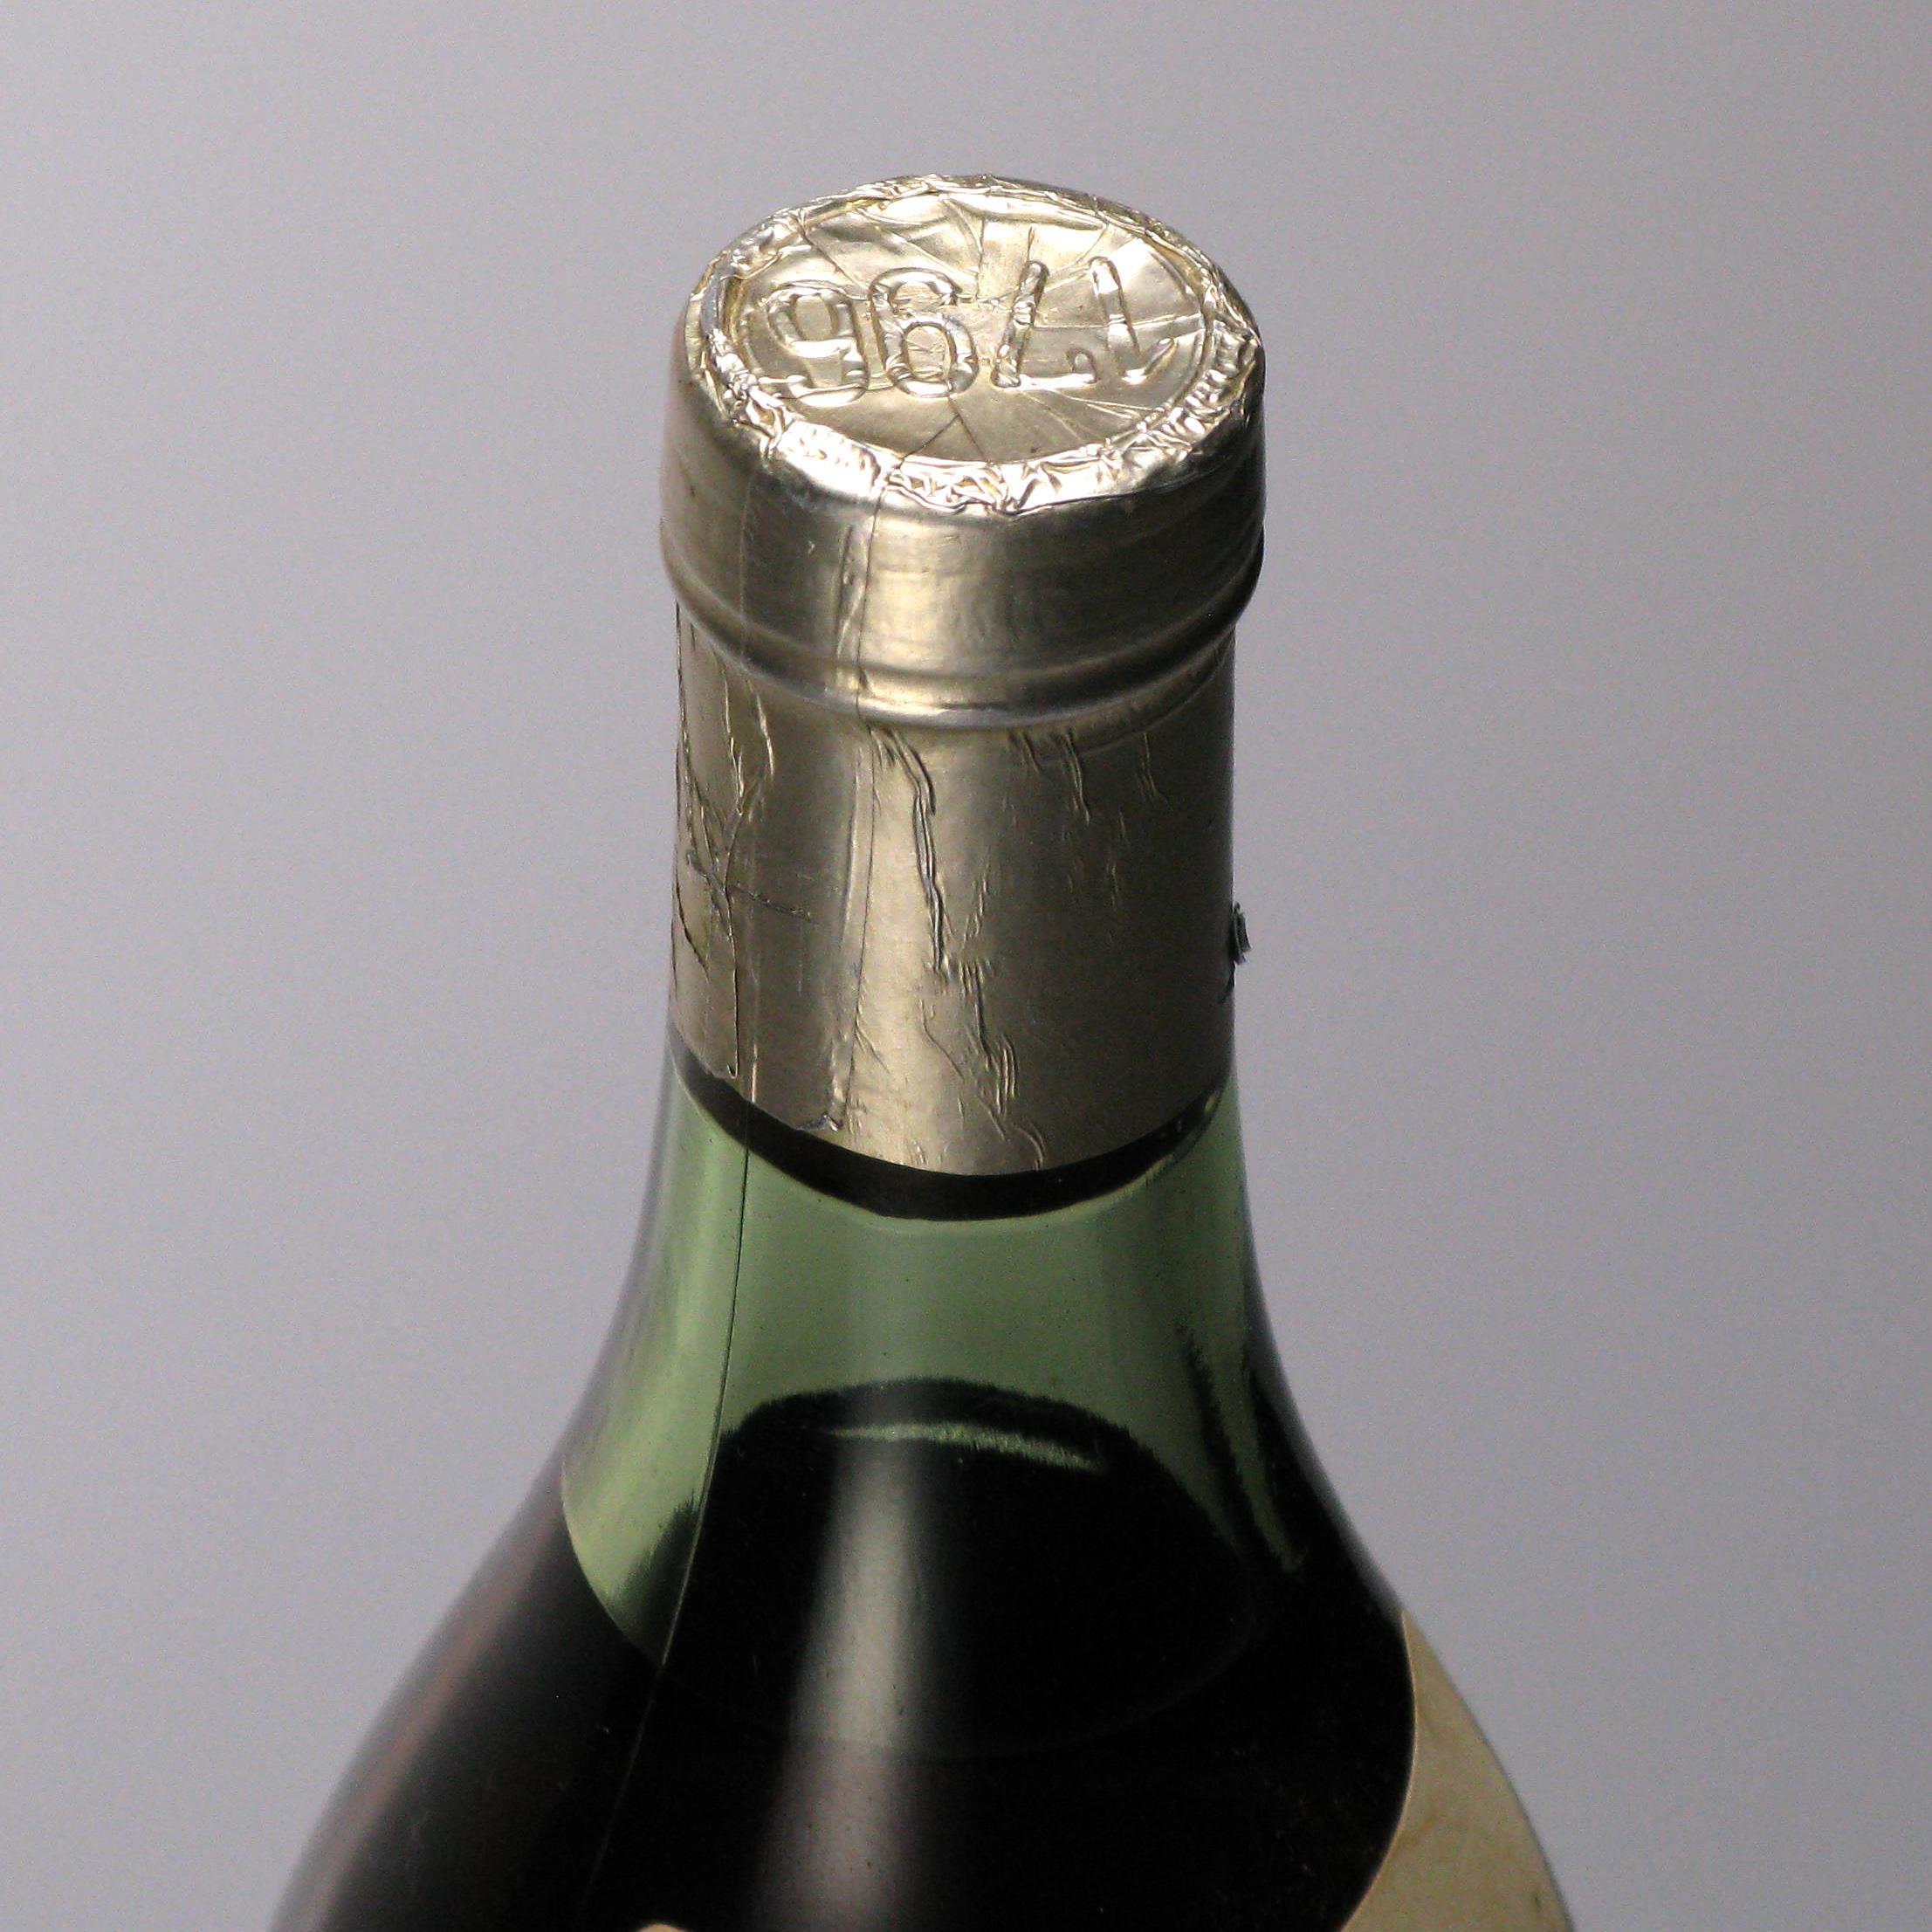 Cognac 1900 Cockburn & Co